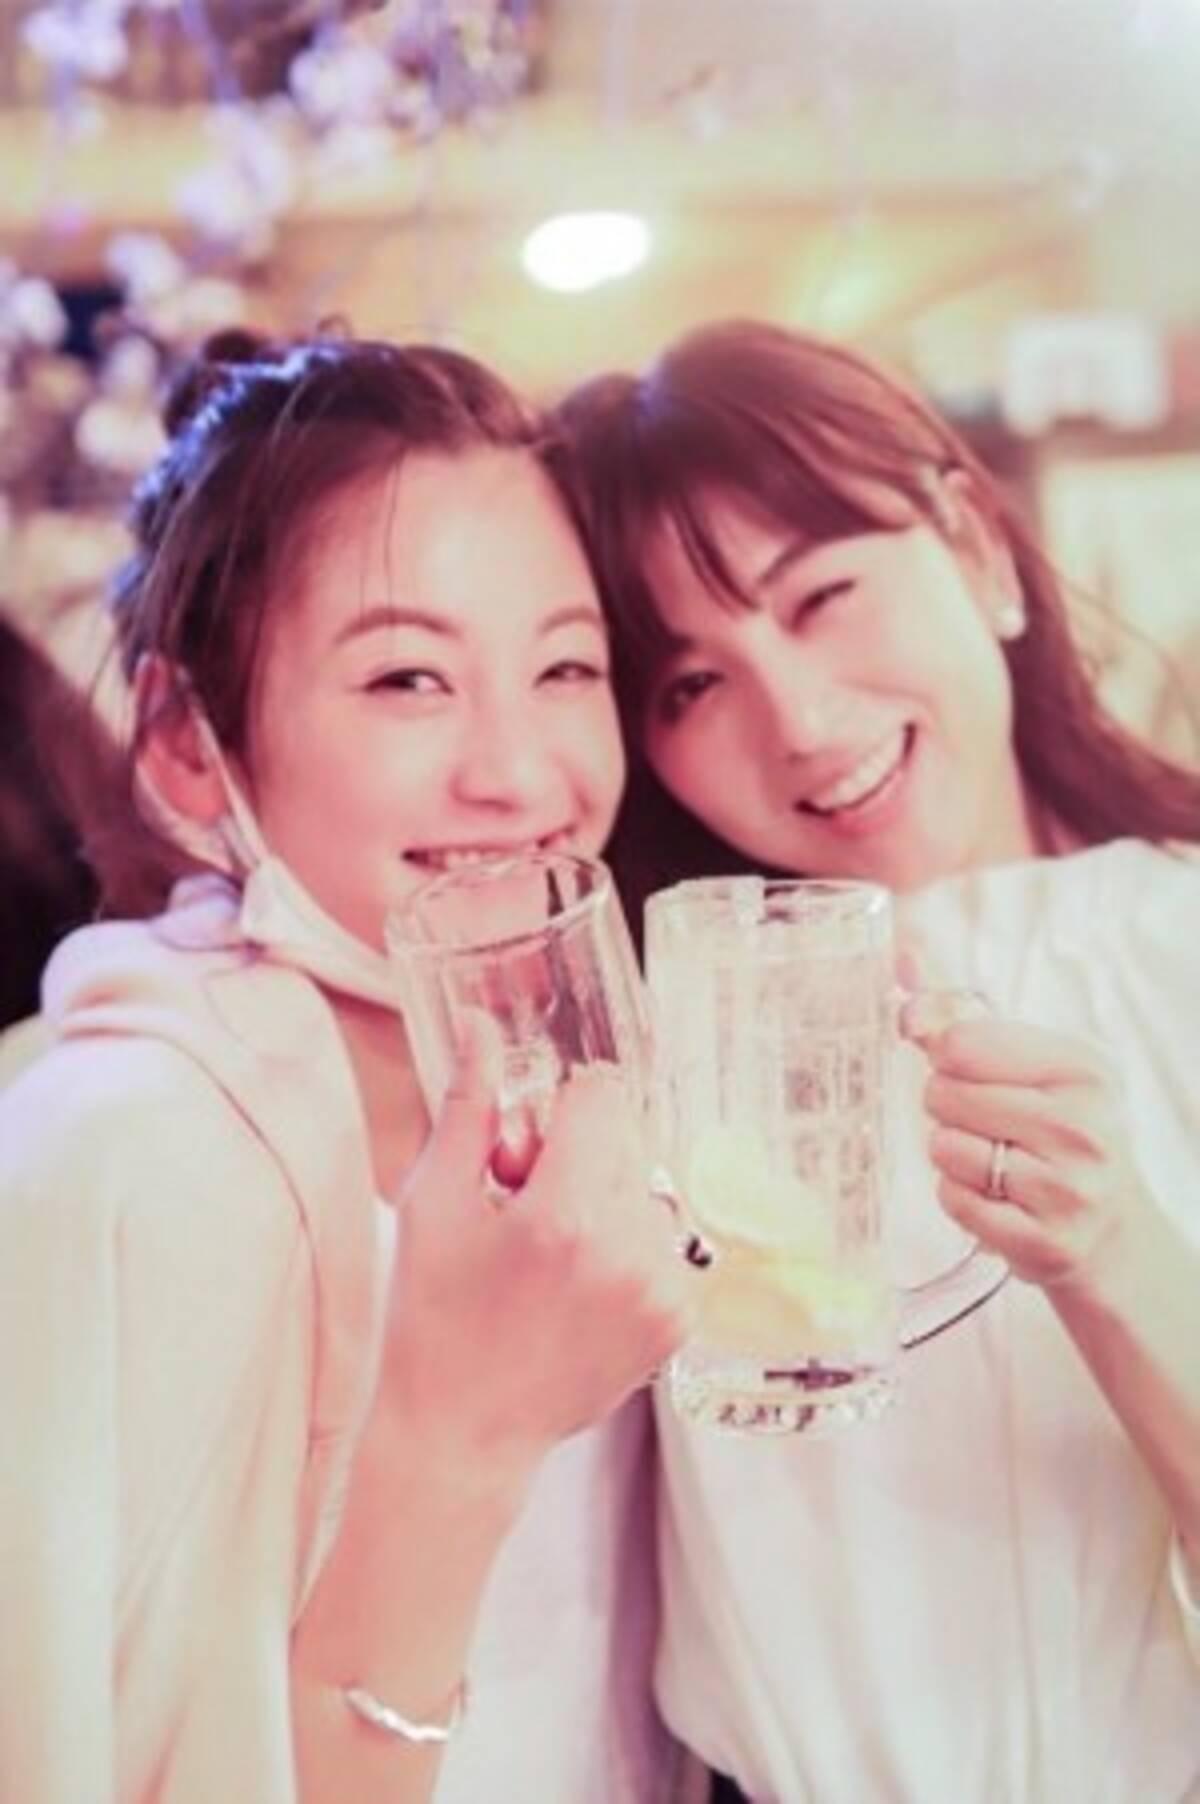 宇賀なつみアナ、親友・西山茉希とのほろ酔い姿に 「日本一酒が似合う ...